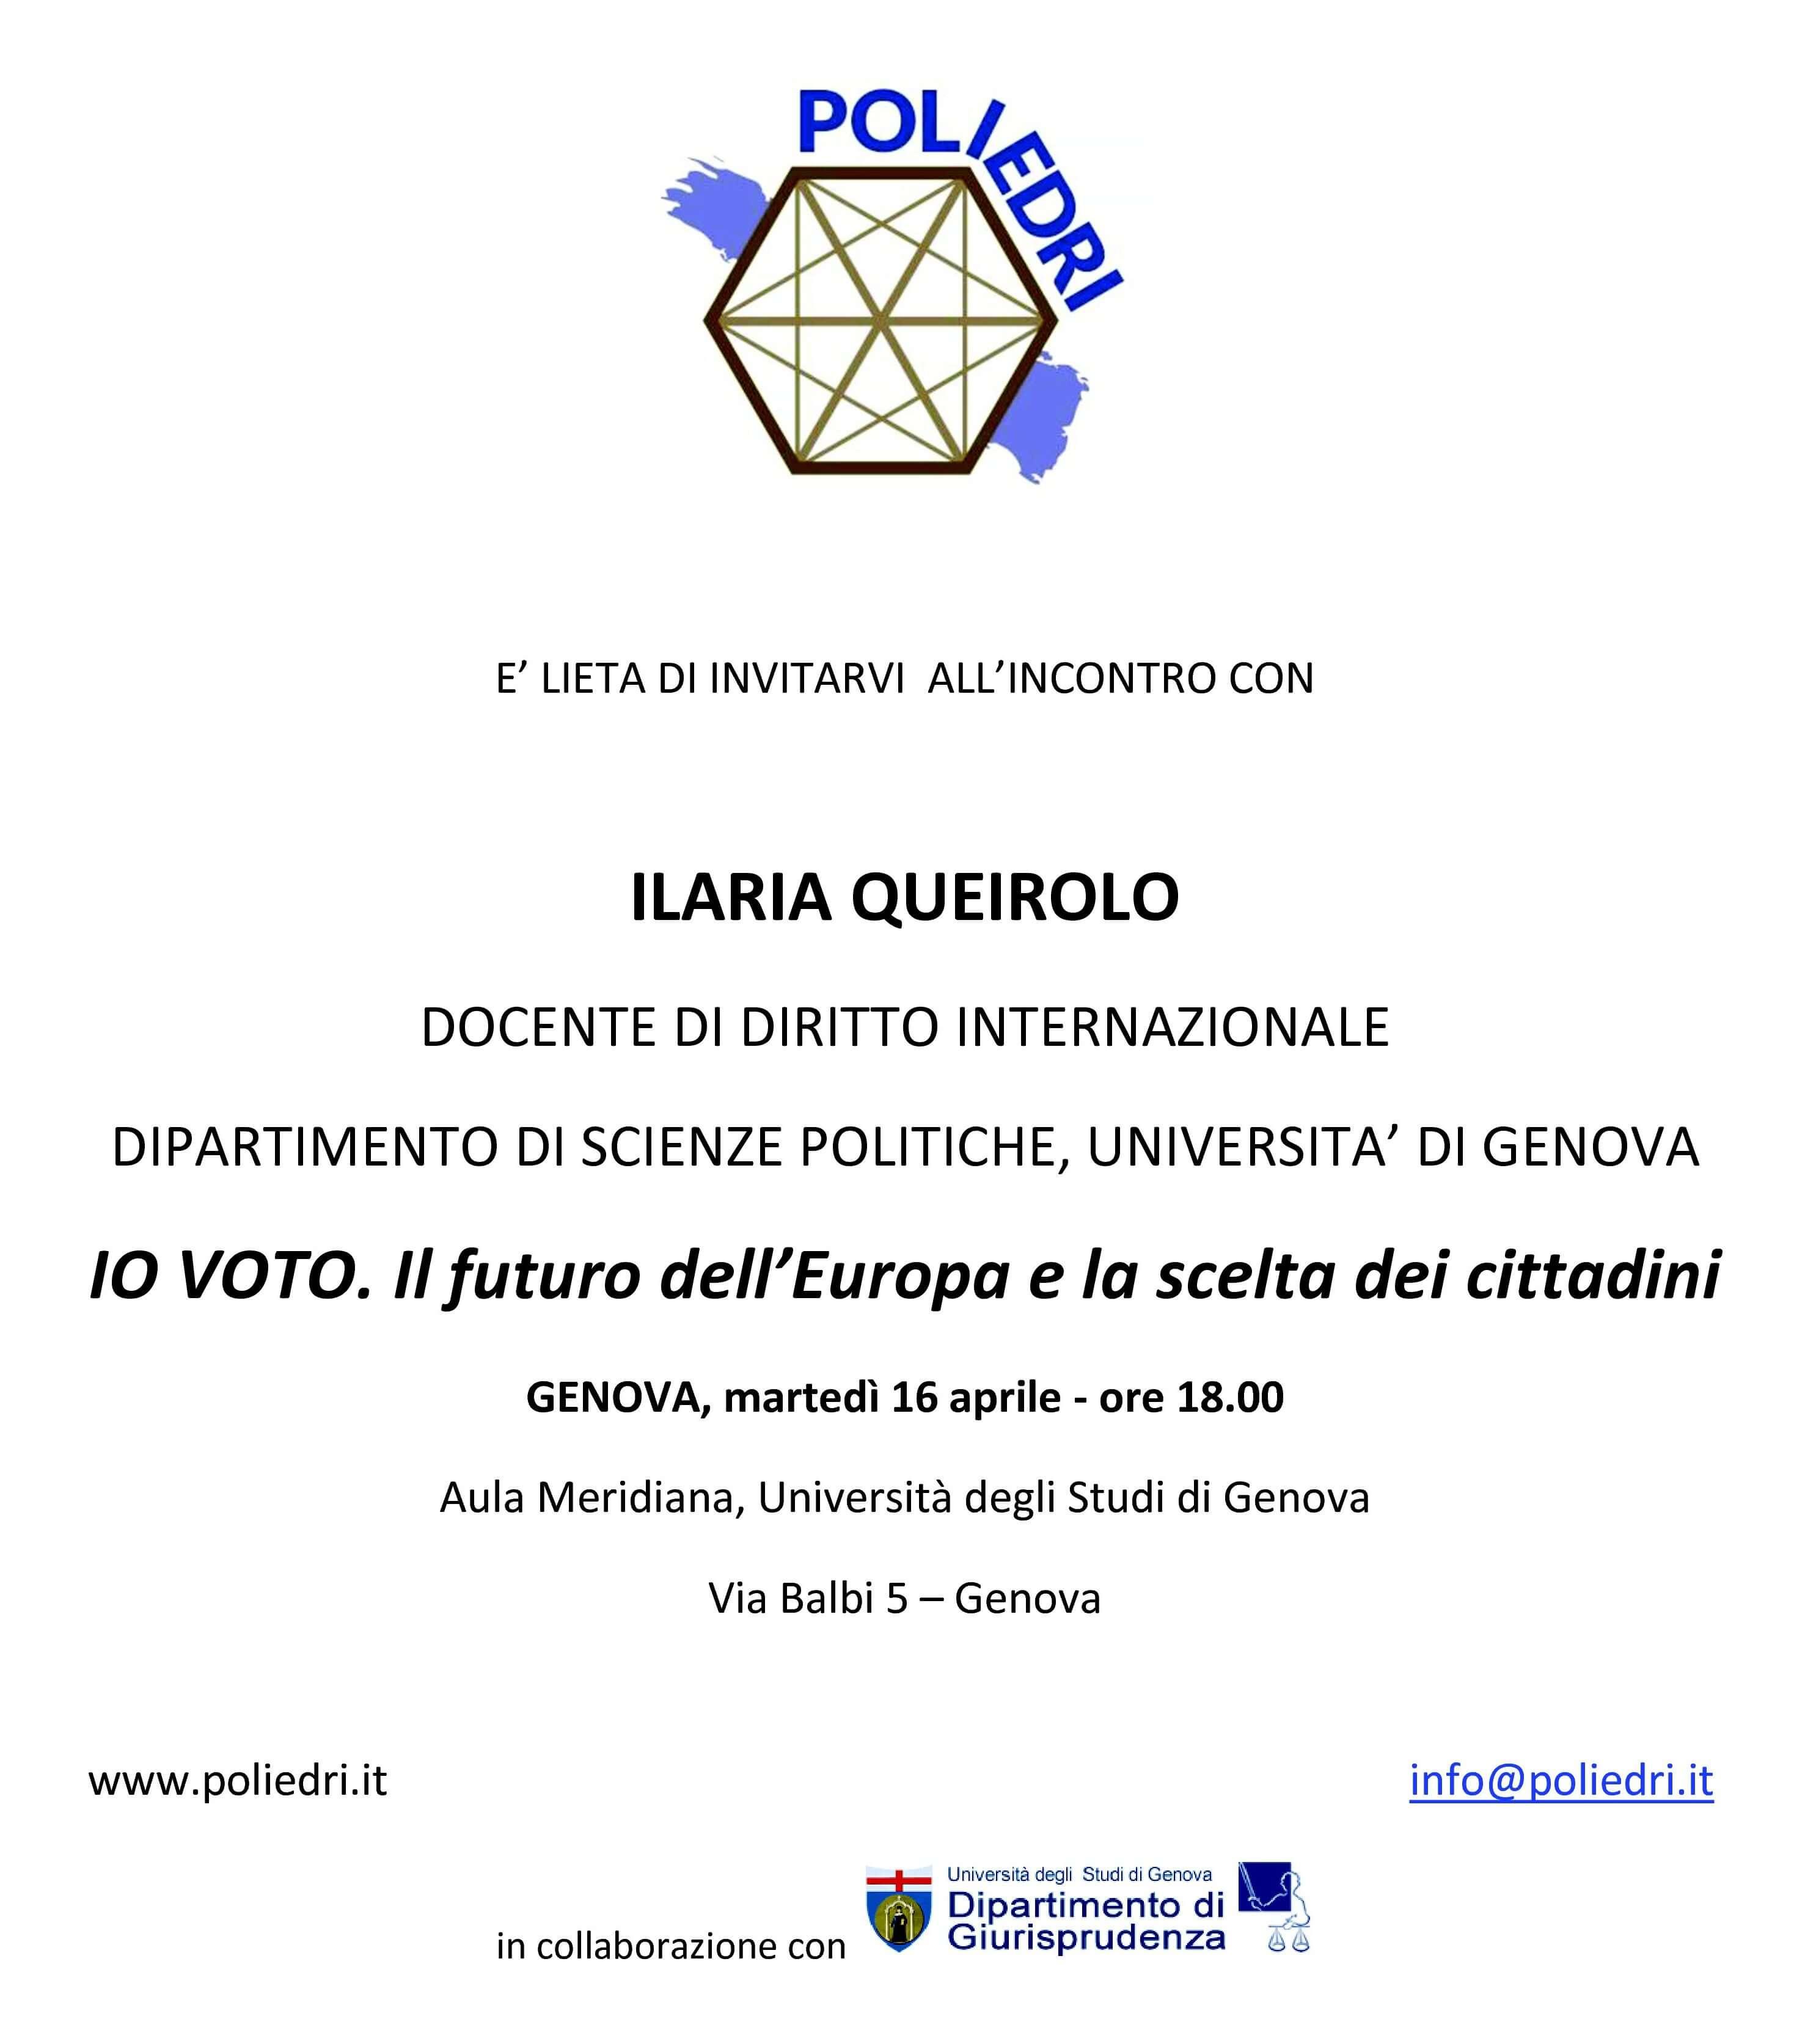 IO VOTO. Il futuro dell'Europa e la scelta dei cittadini